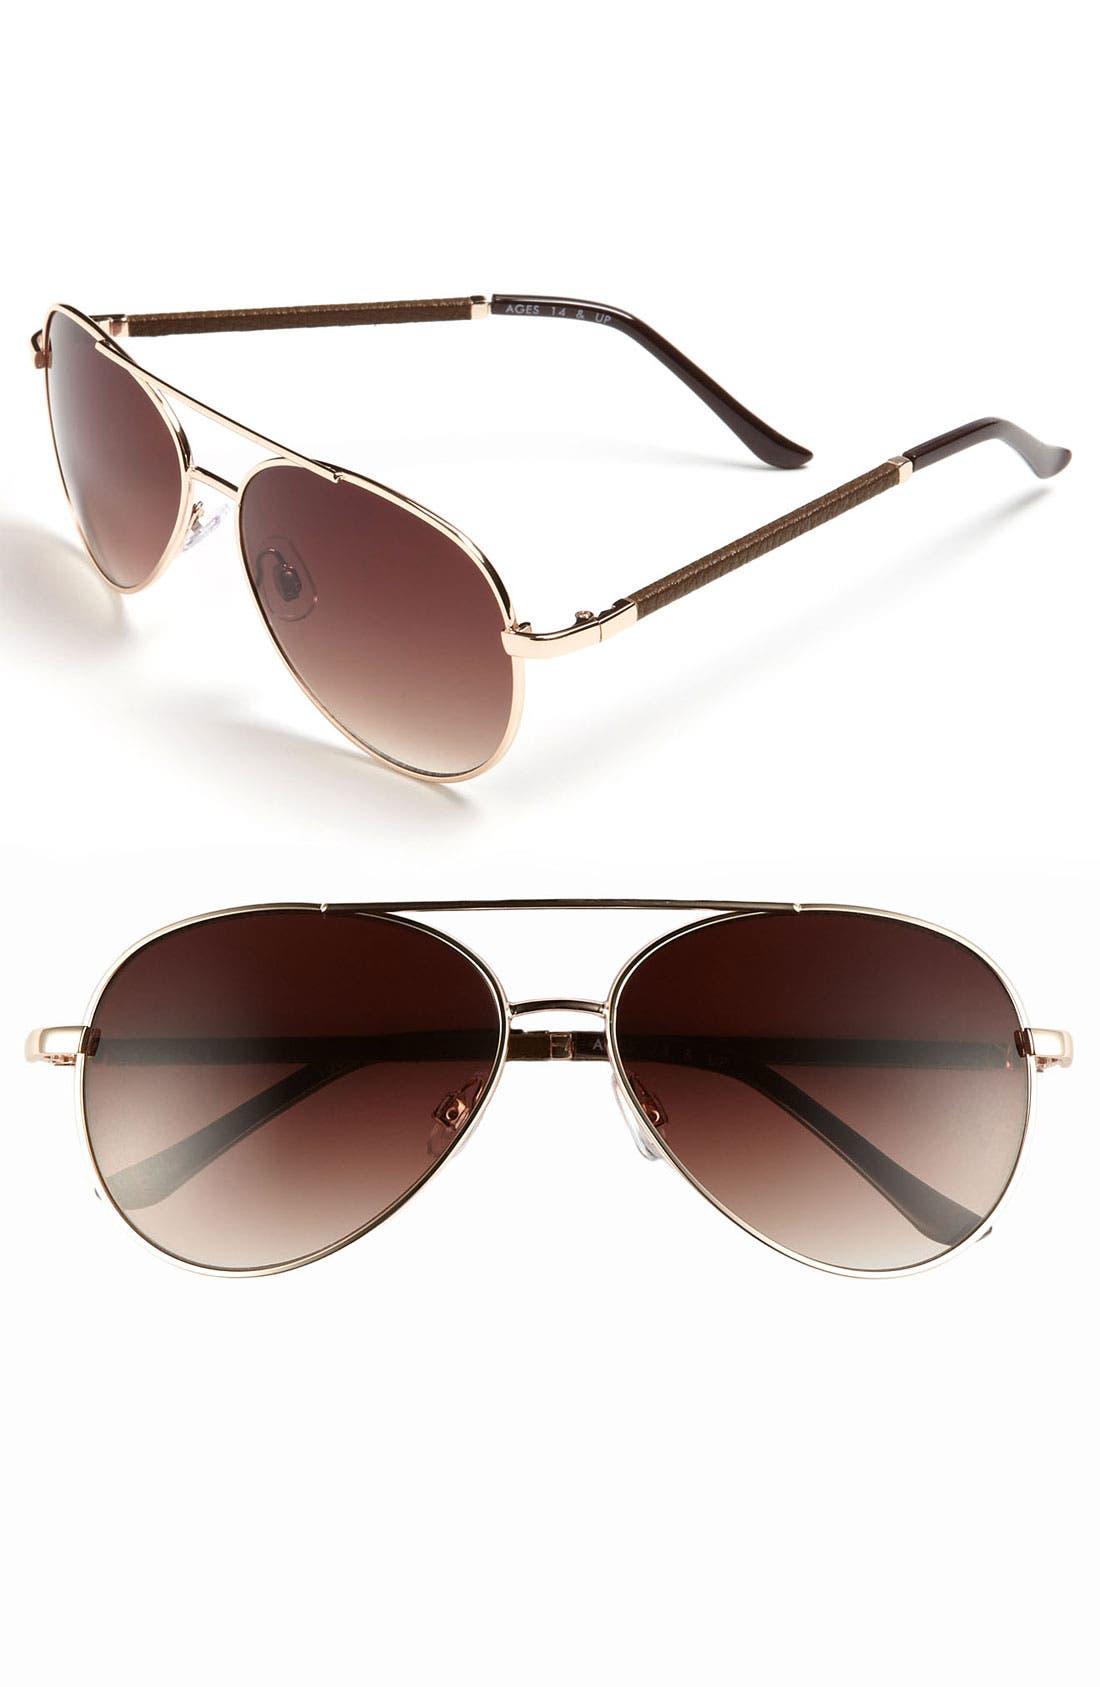 Main Image - FE NY 56mm Aviator Sunglasses